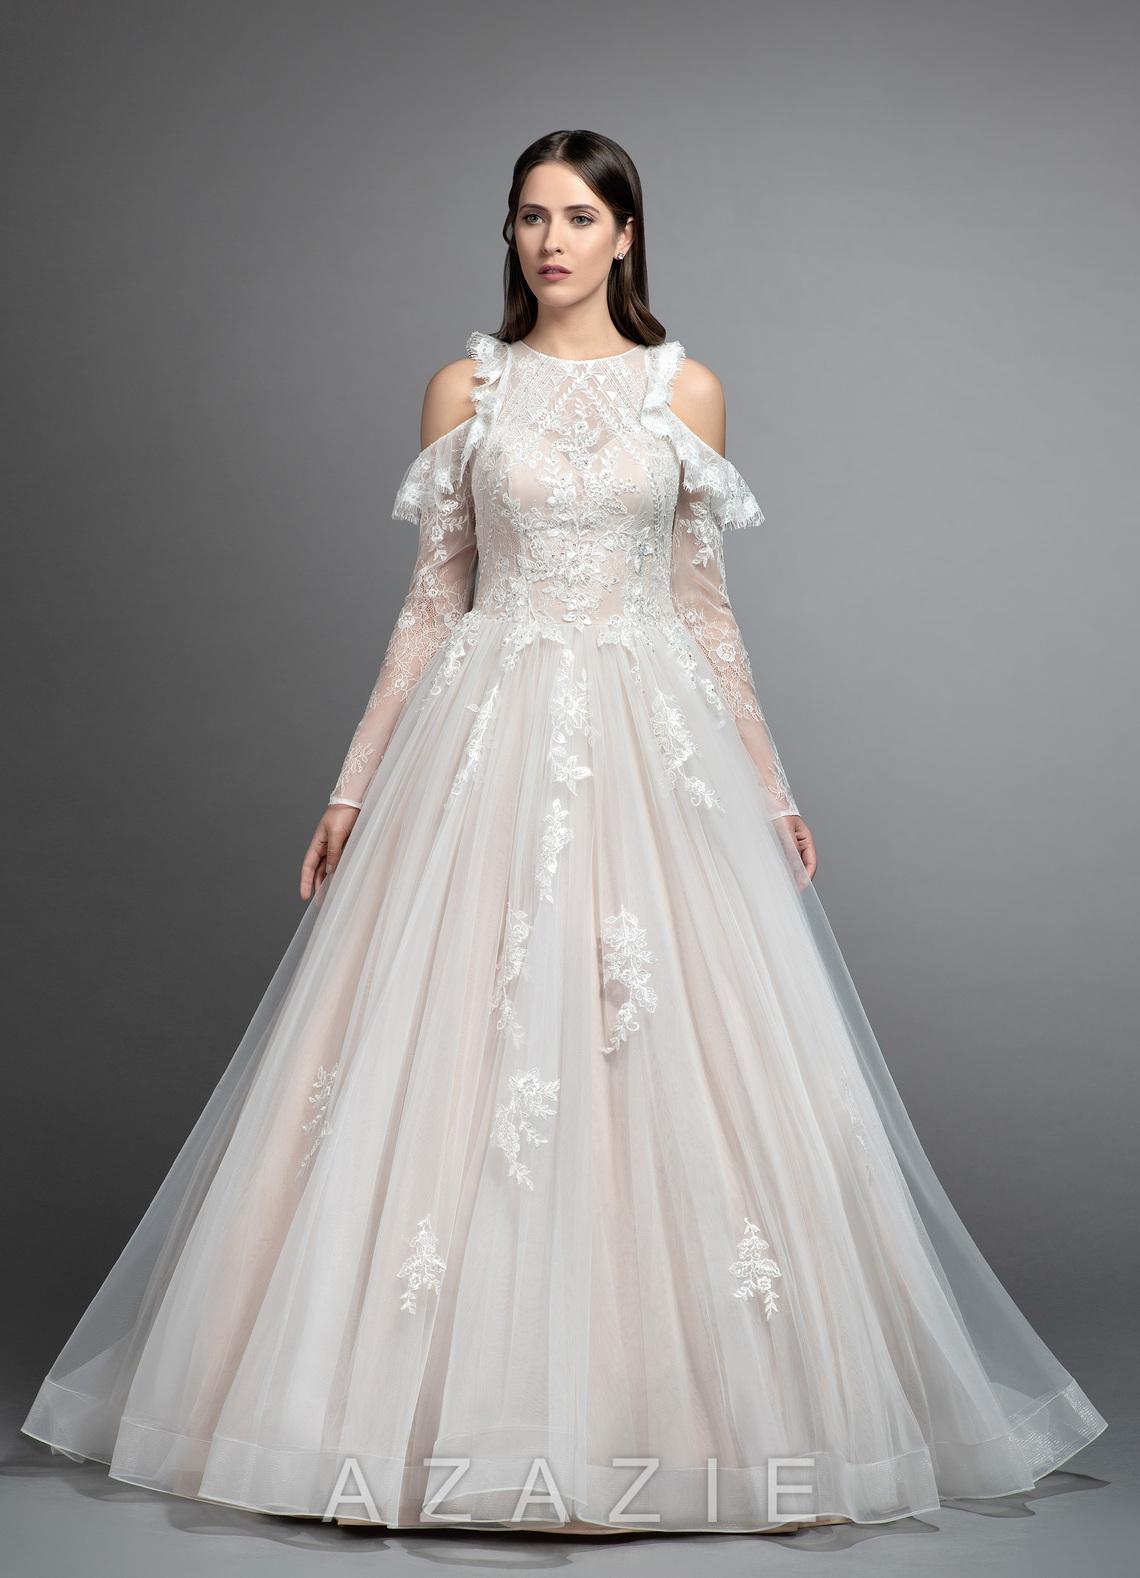 Home Wedding Dresses Azazie Isabella Bg Loading Zoom